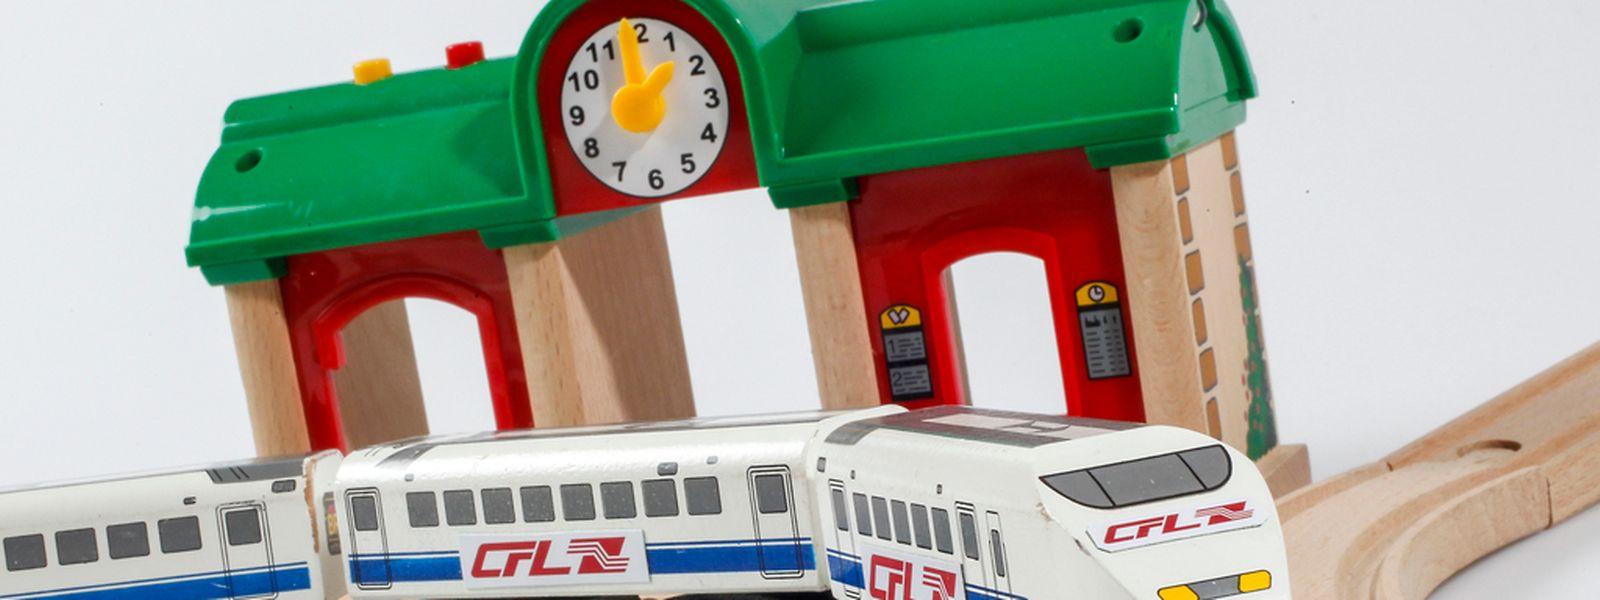 Kein Kinderspiel: Die kleinste Änderung innerhalb des Zugfahrplans hat Folgen in der gesamten Organisation des öffentlichen Transports.